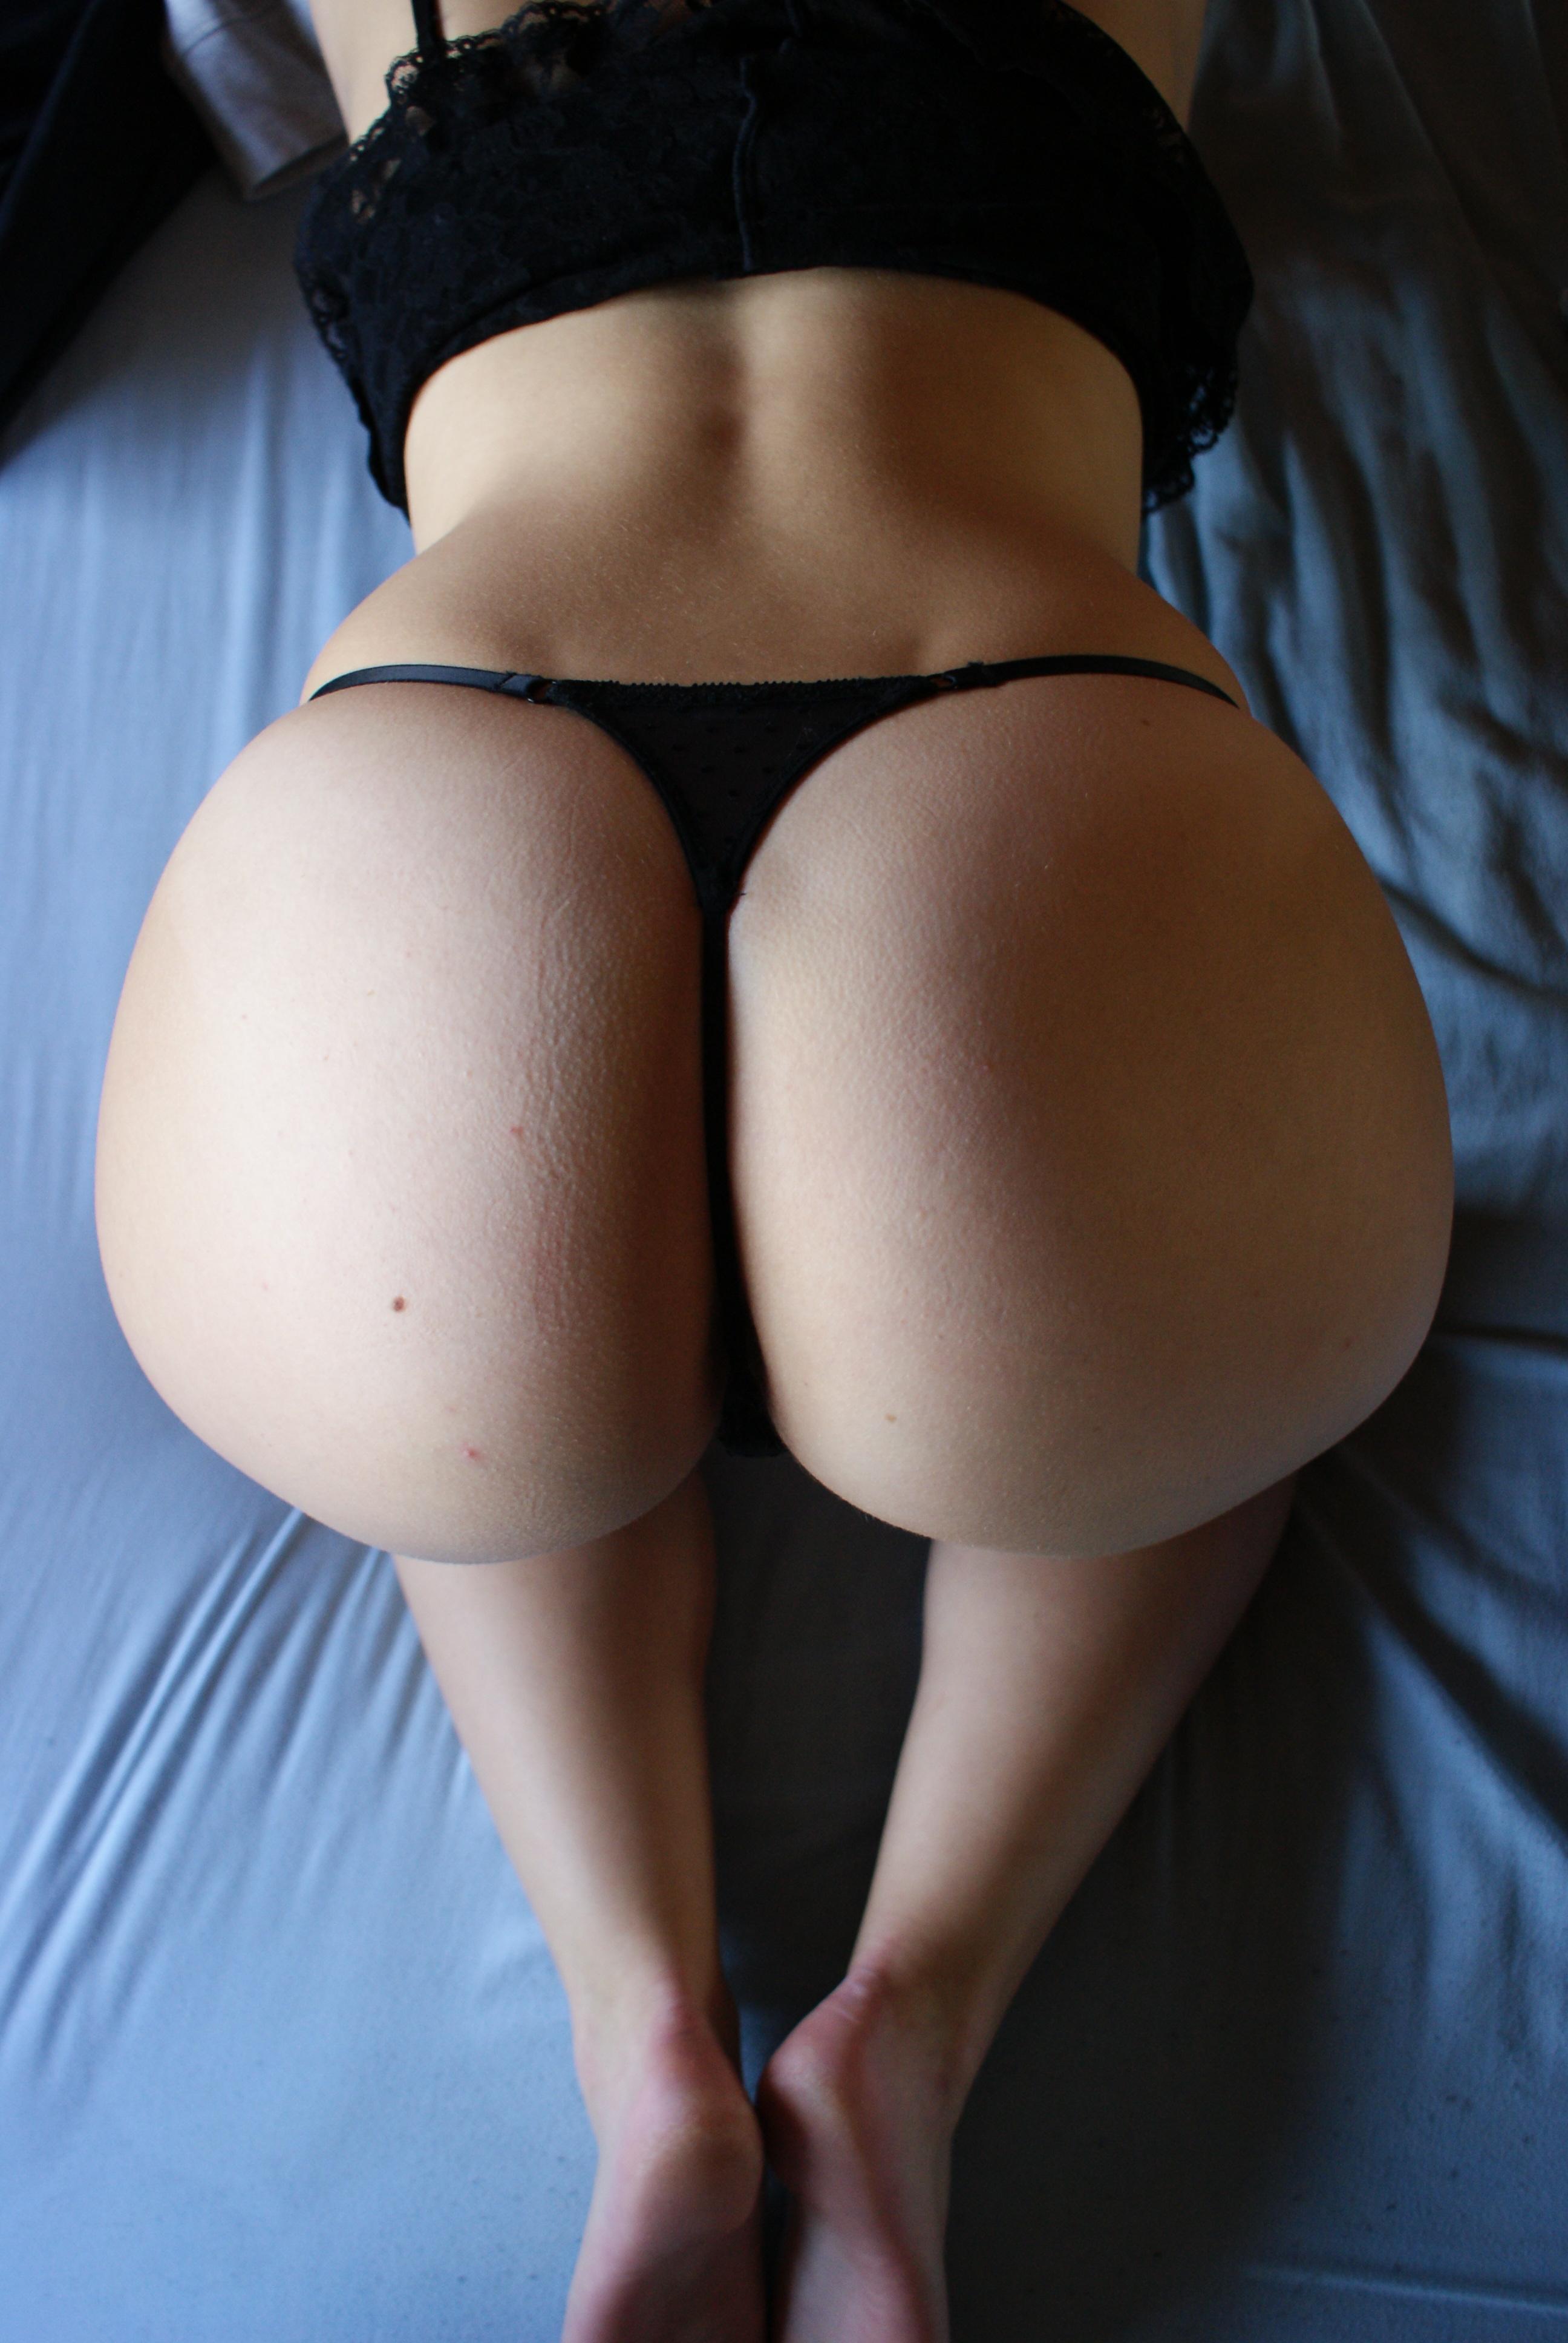 Sexcontact nederland sex zoeken